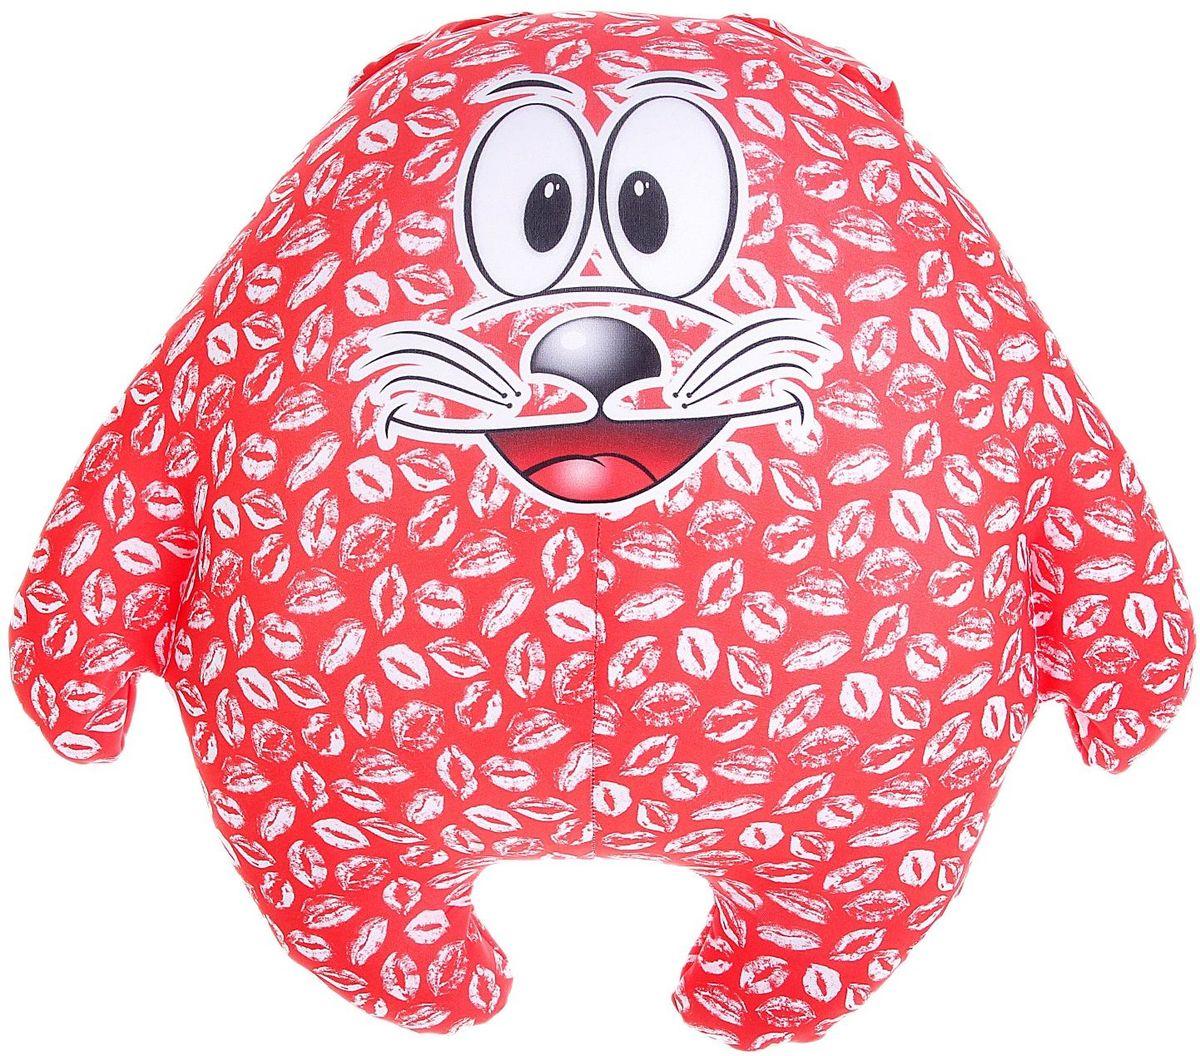 Мягкая игрушка-антистресс Кот Лаки 164052 подушки декоративные оранжевый кот подушка игрушка антистресс панда